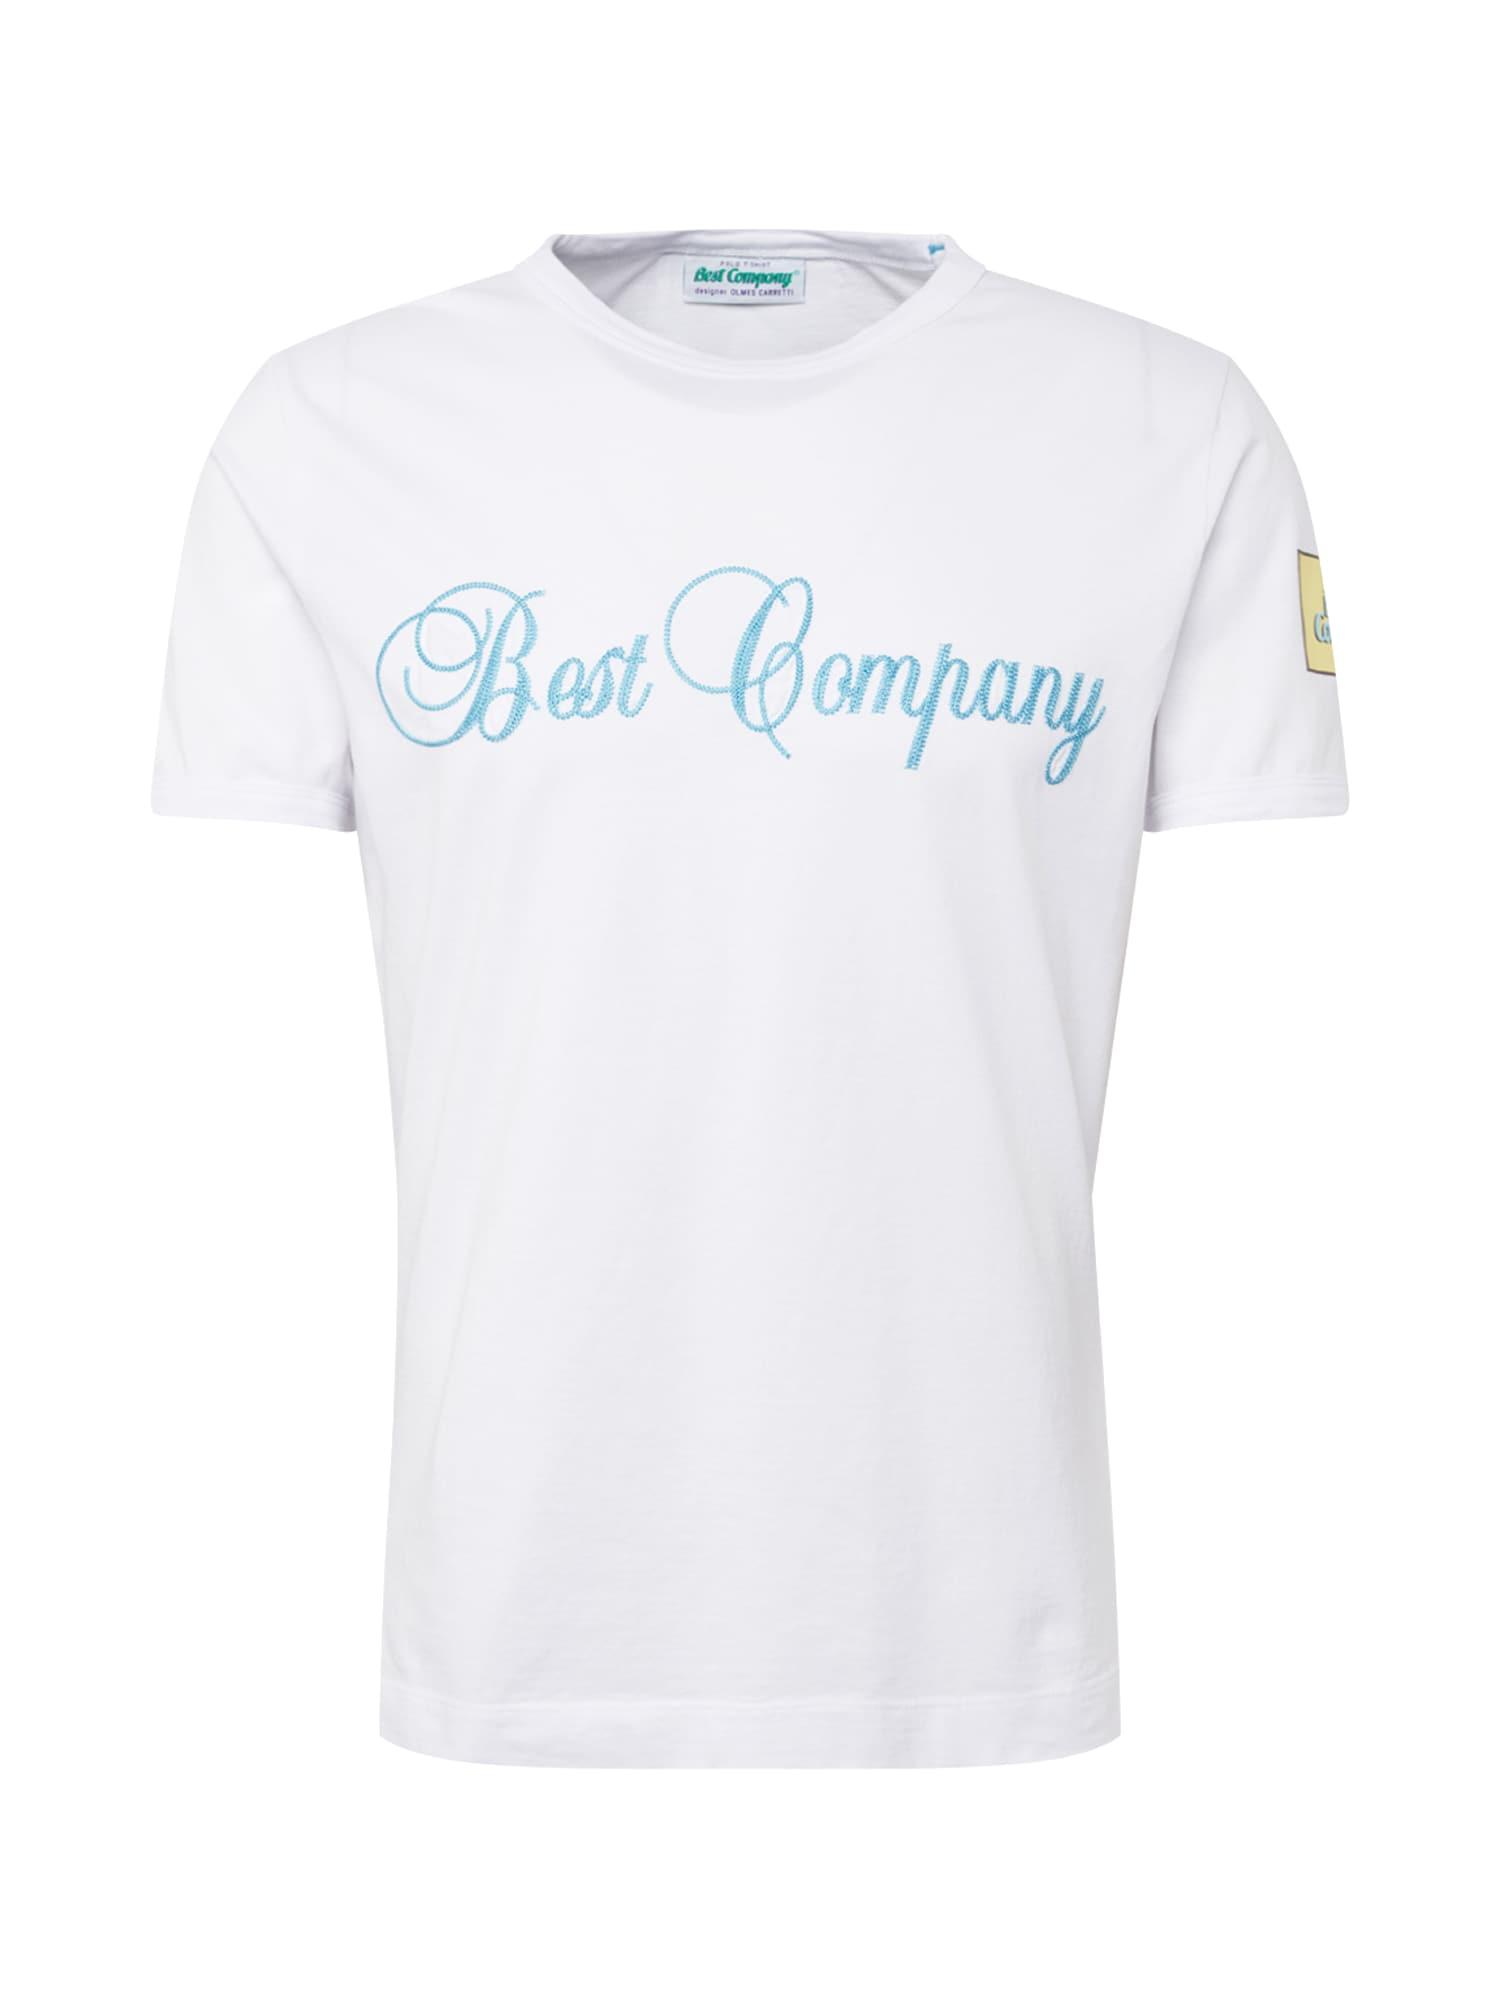 Tričko světlemodrá žlutá šedá bílá Best Company